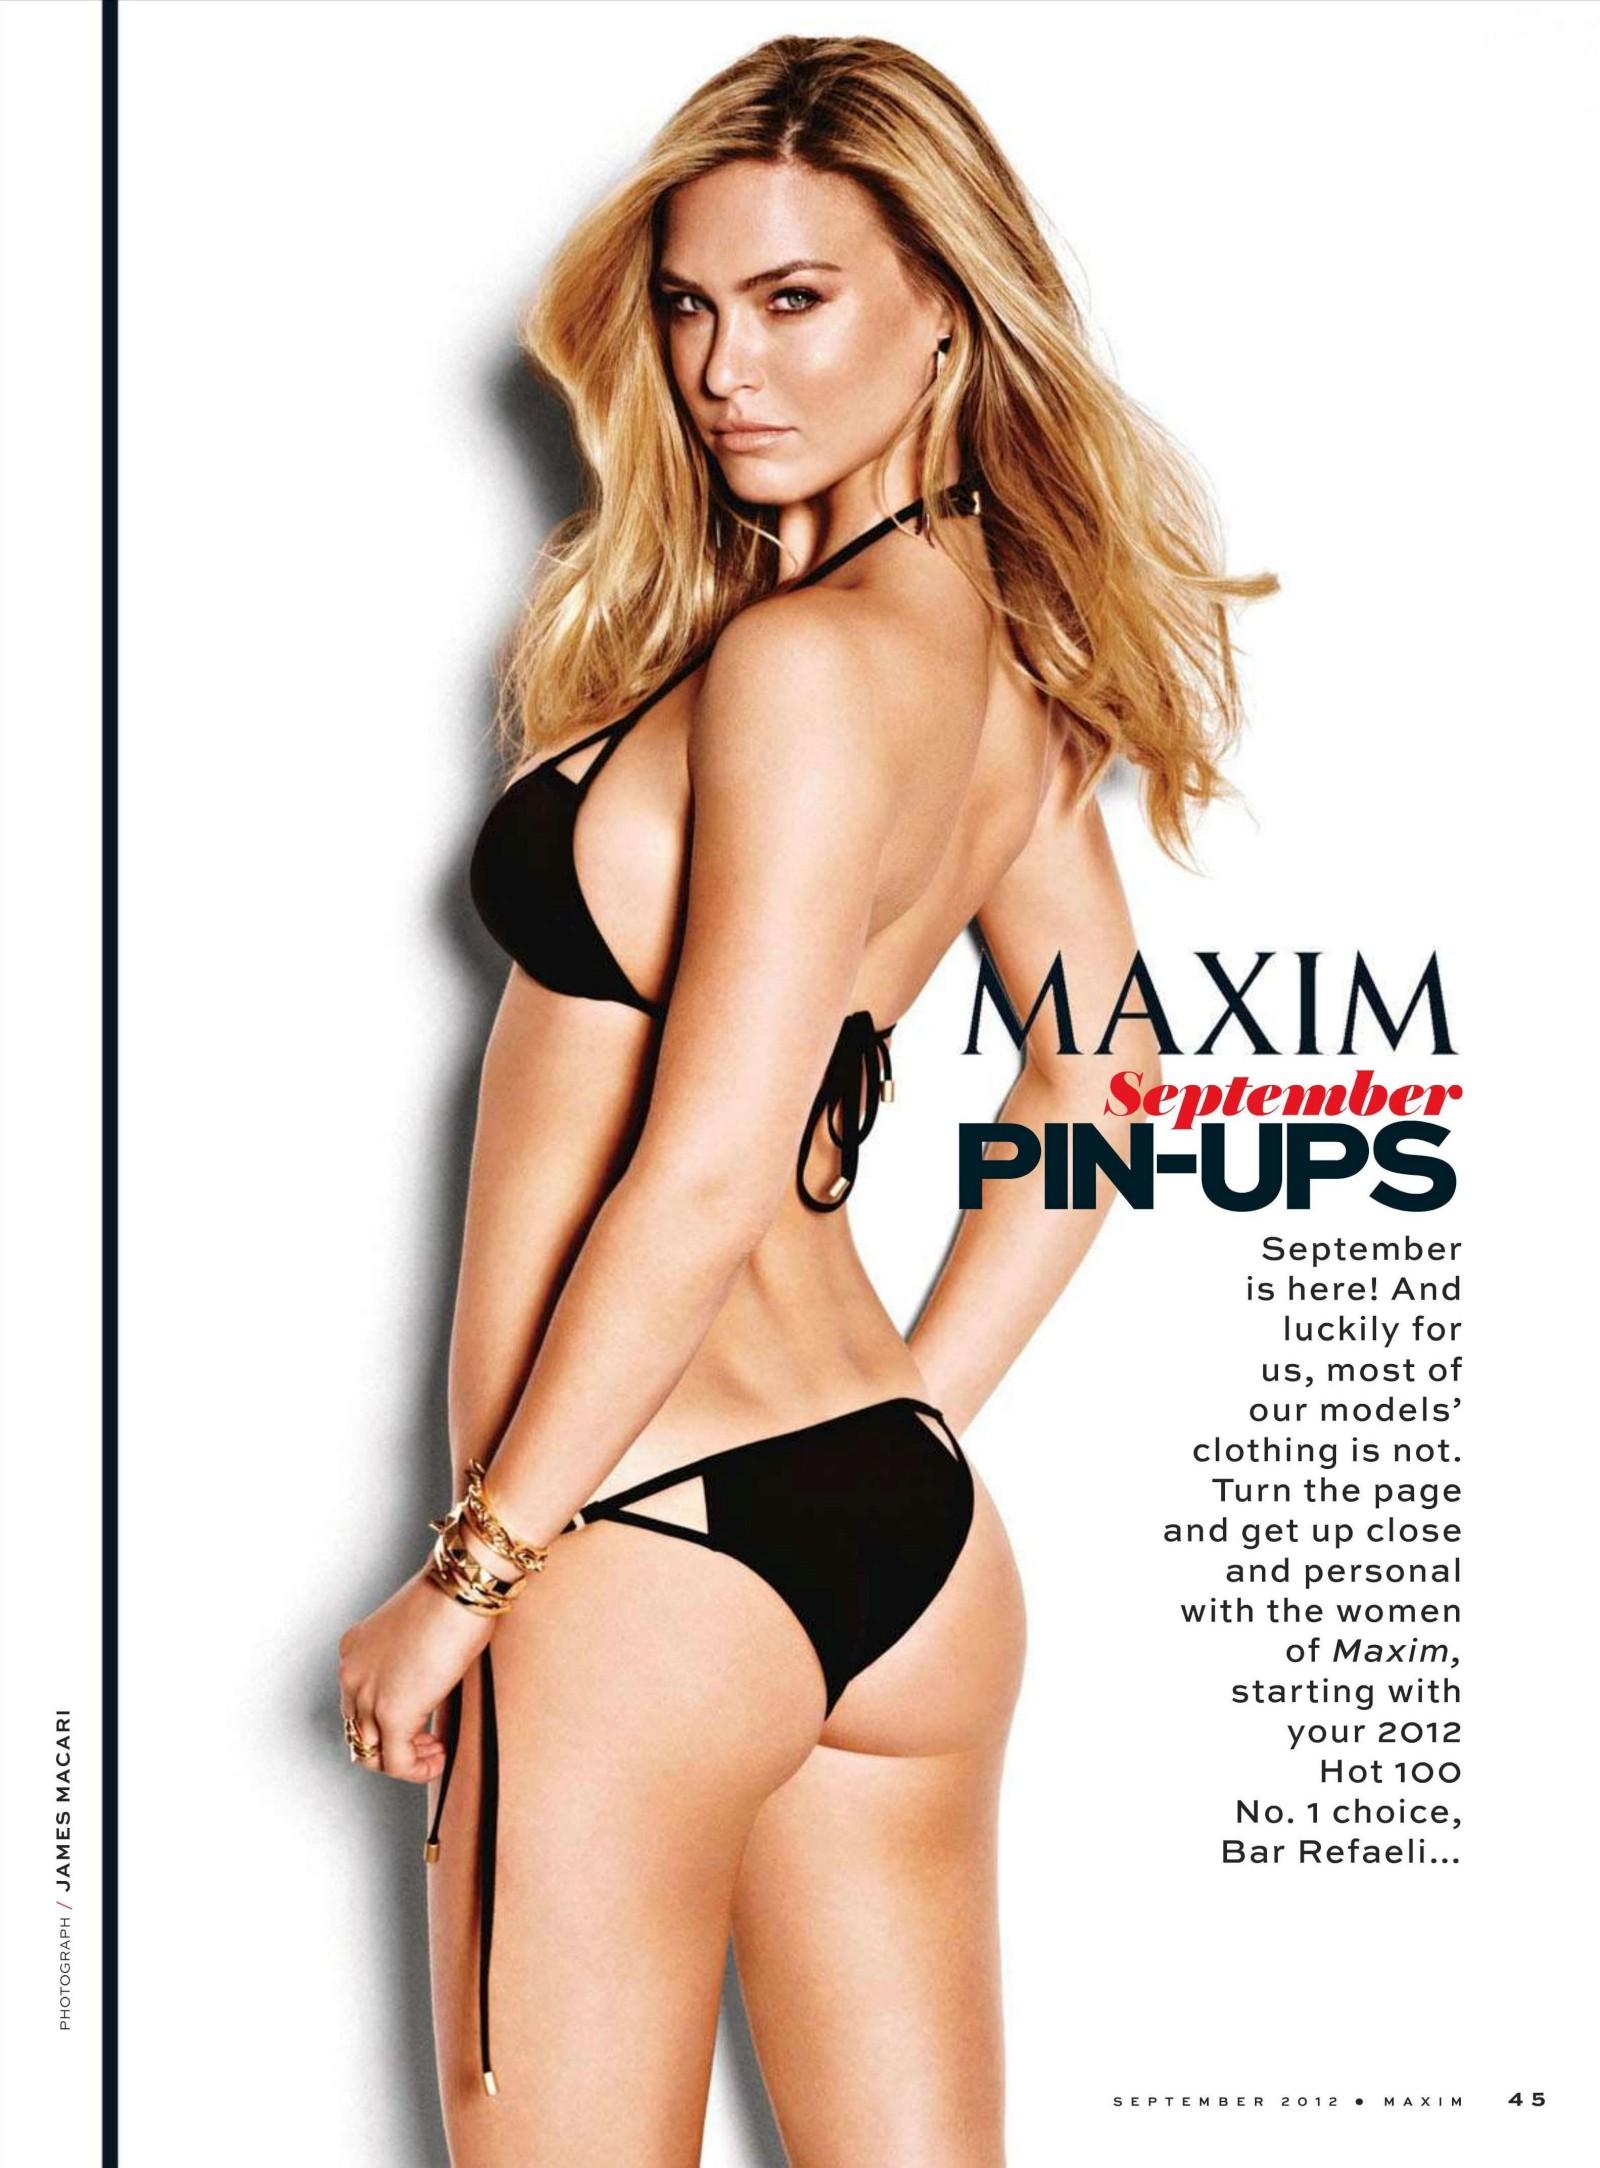 Читать далее: Бар Рафаэли для Maxim Magazine милла йовович